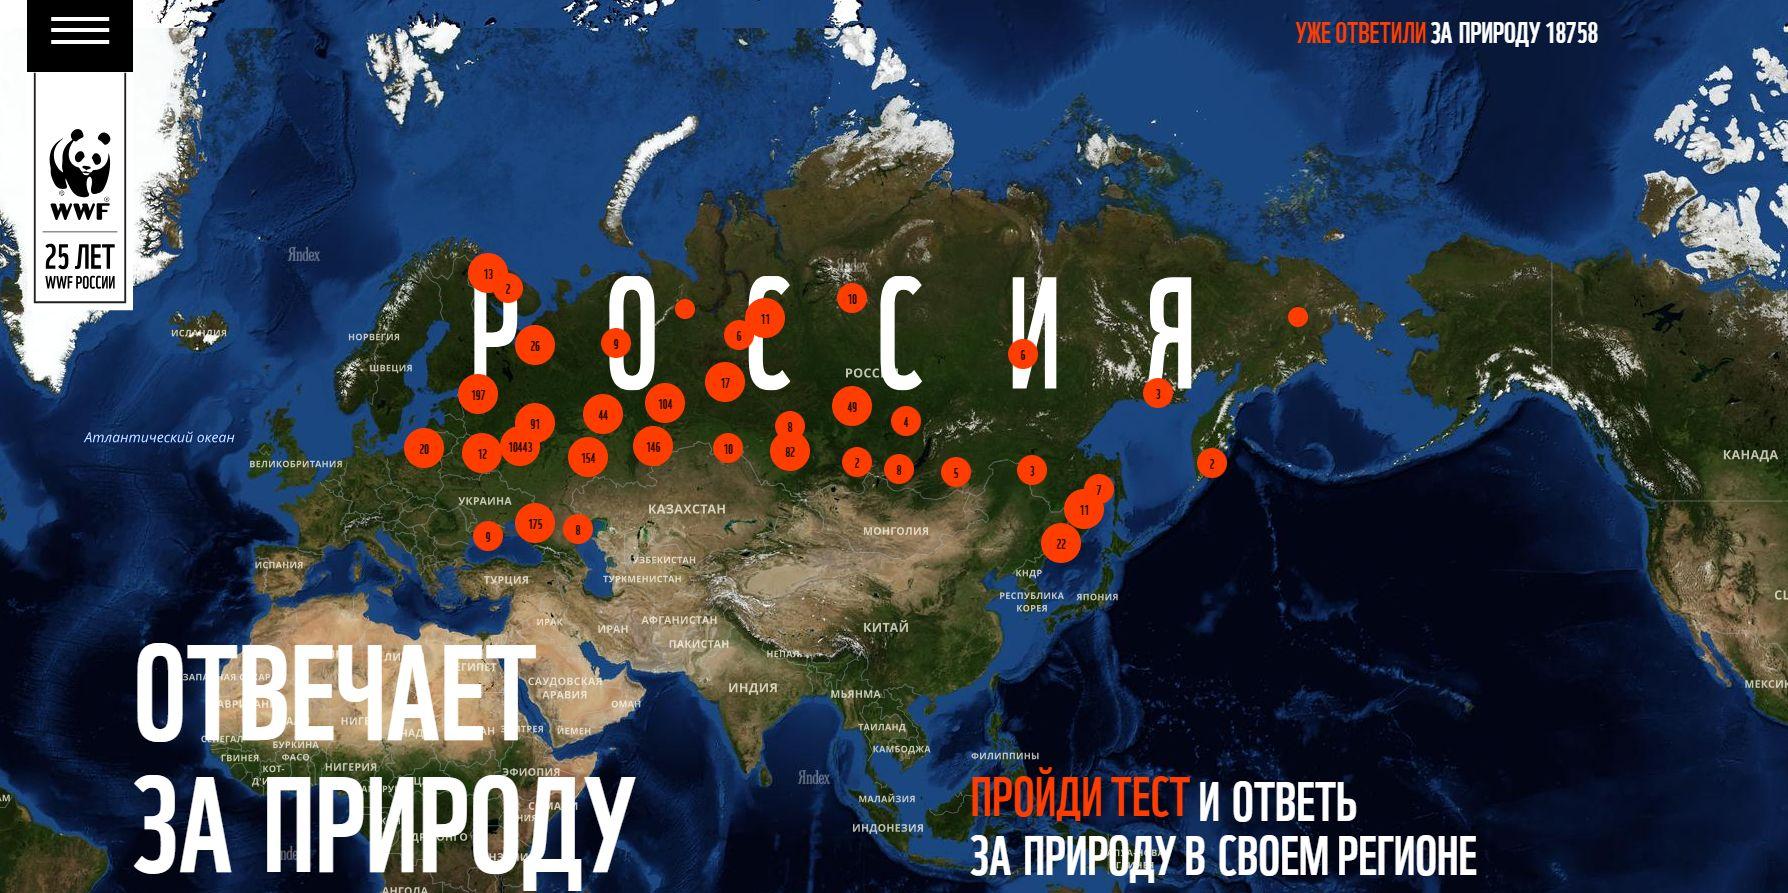 Ярославцы могут присоединиться к международной акции «Час Земли»